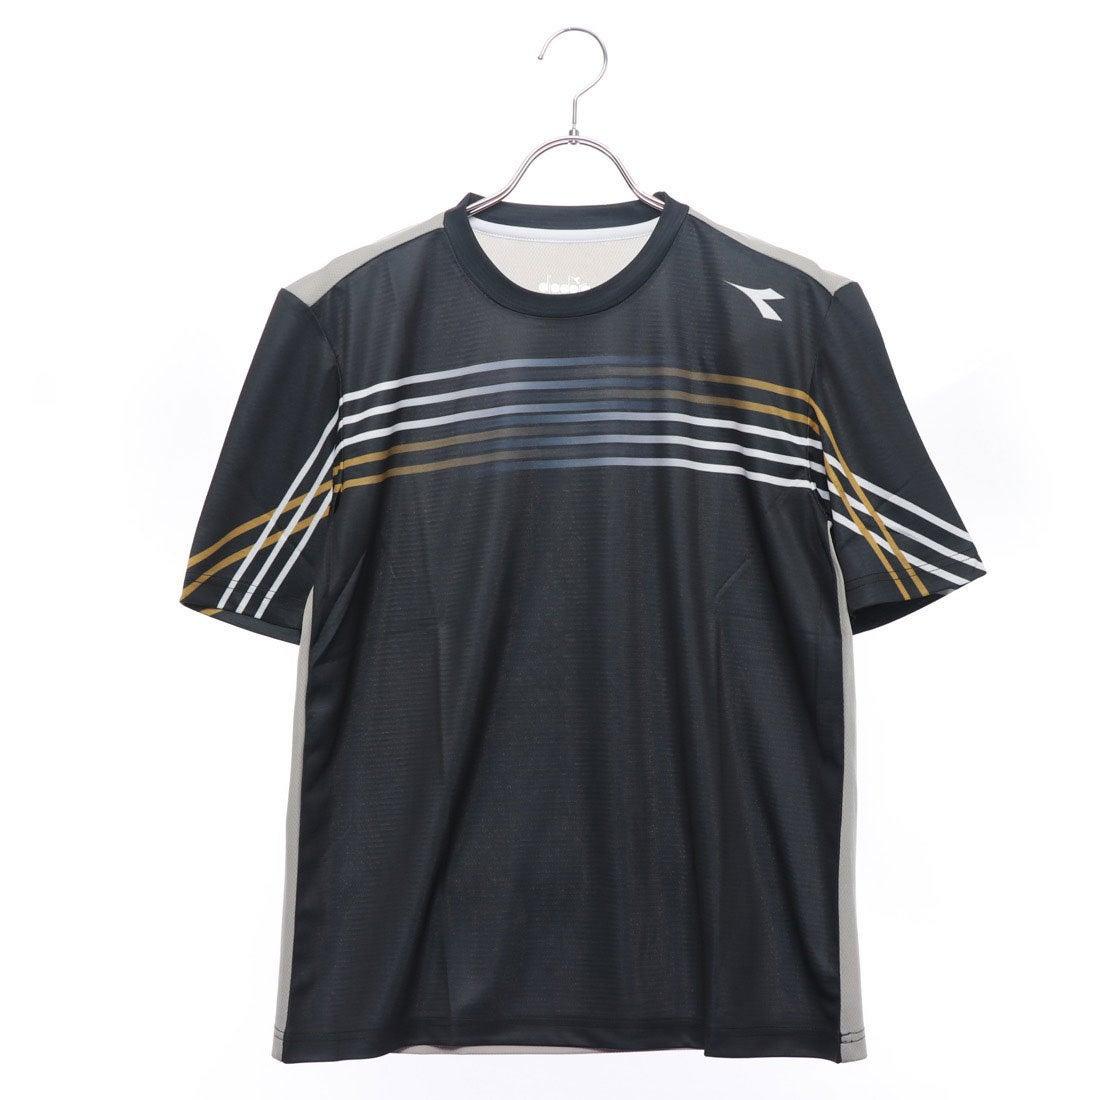 0014afaba2d2d ディアドラ Diadora メンズ テニス 半袖Tシャツ CSCグラフィックトップ DTP8583 -レディースファッション通販  ロコンドガールズコレクション (ロココレ)